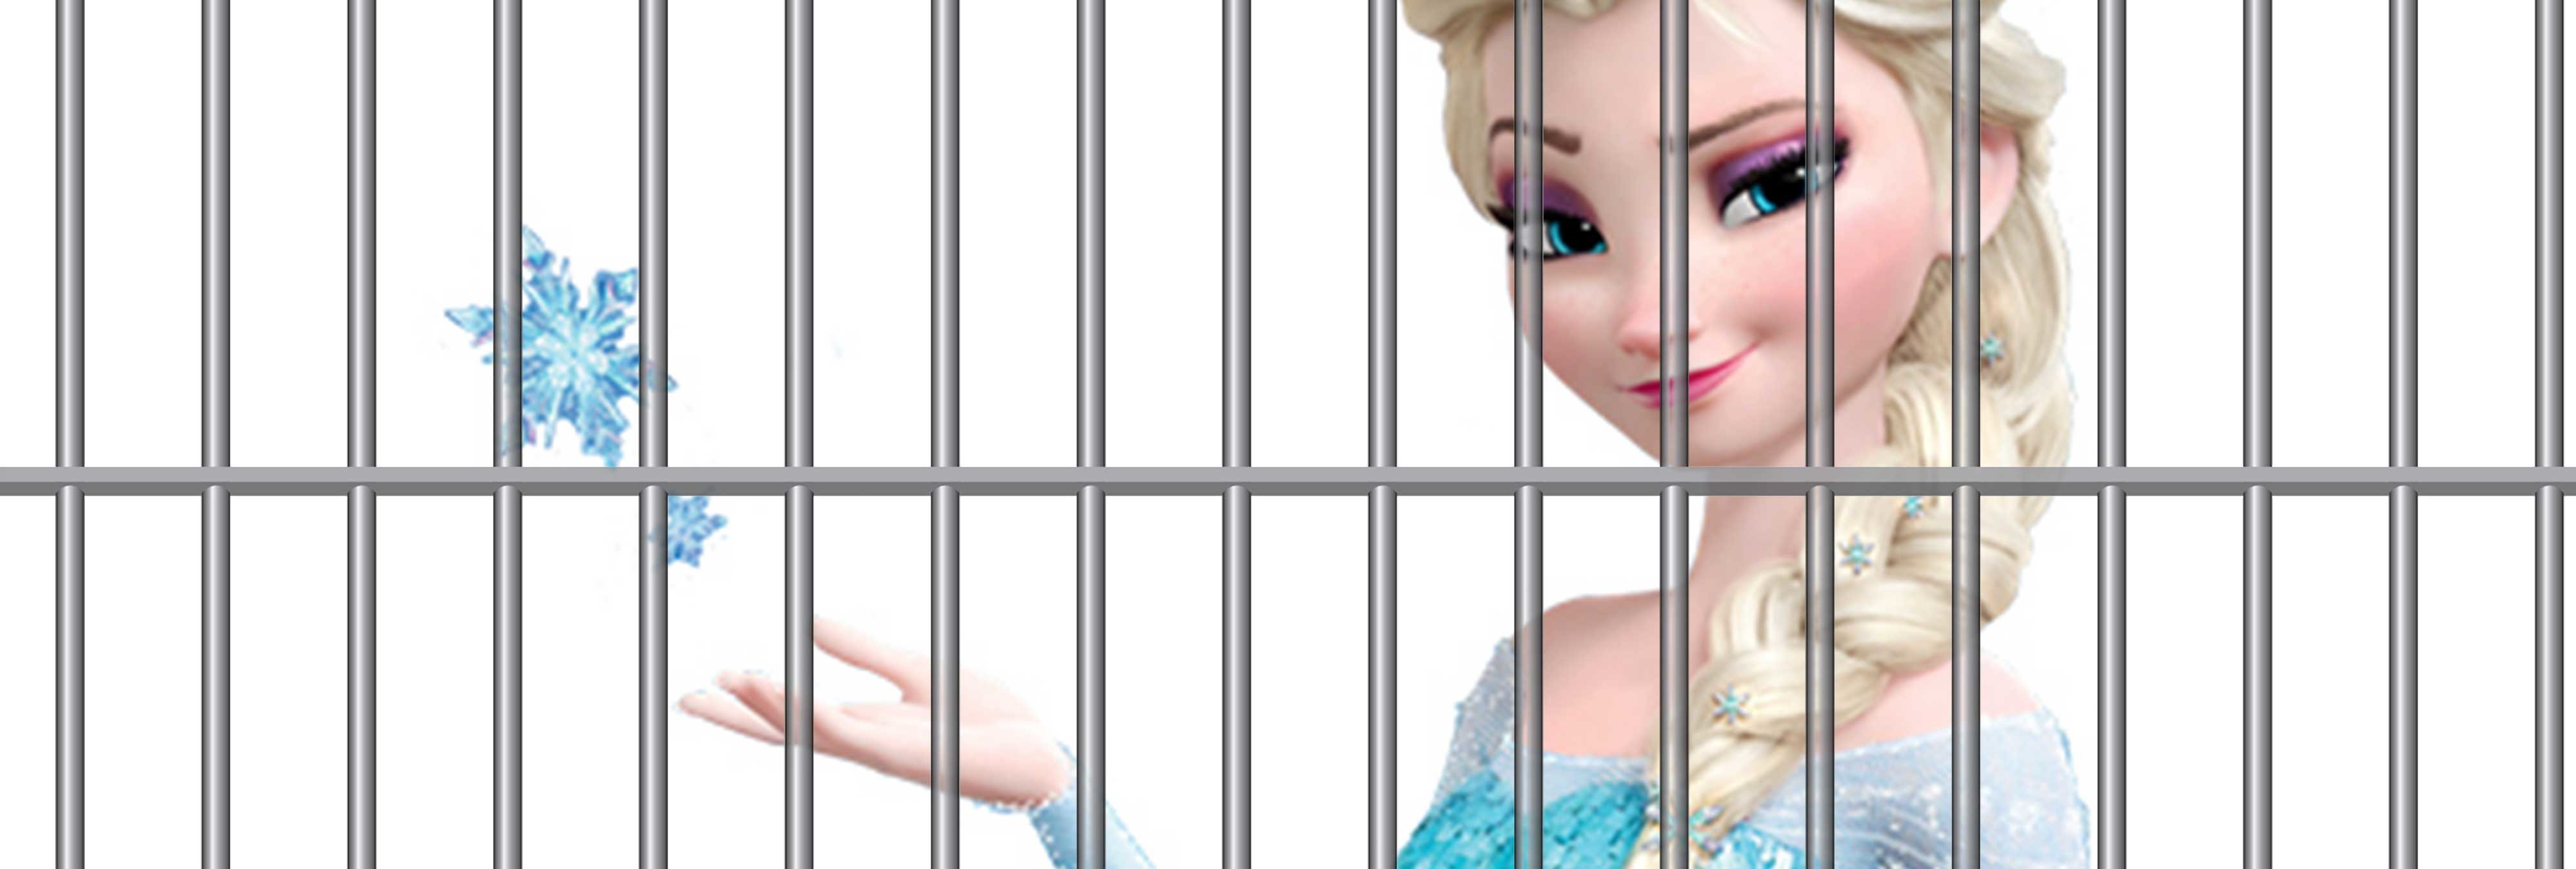 La policía la lía tras compartir fotos de Elsa de 'Frozen' detenida por el frío de EEUU